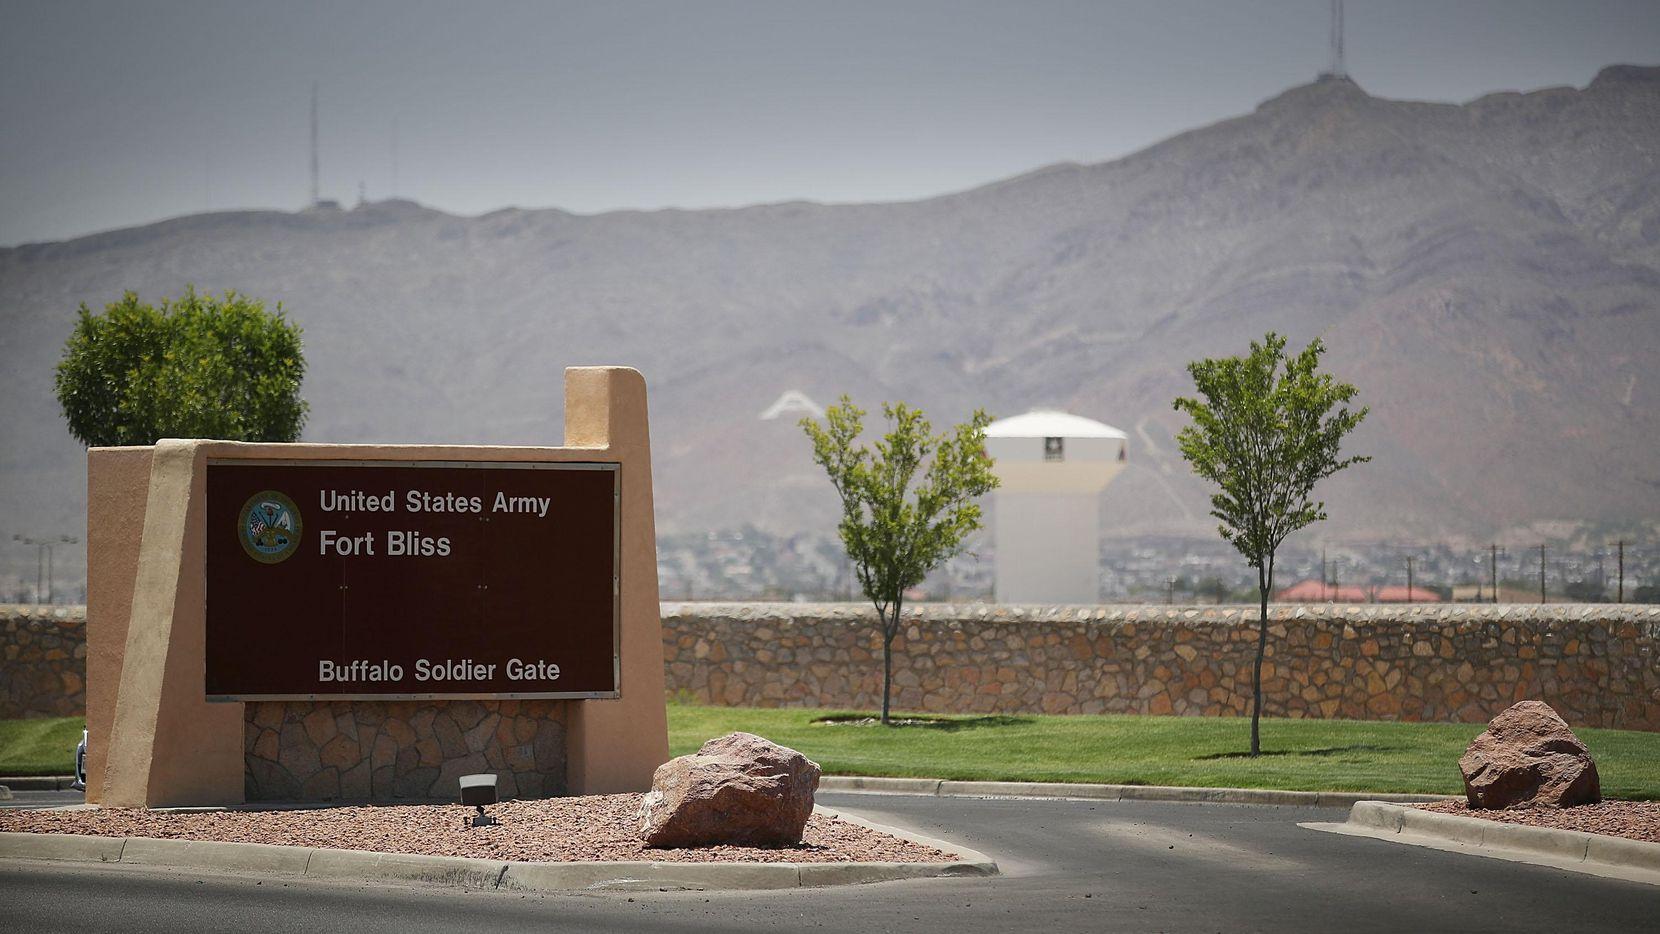 La entrada a la base militar Fort Bliss en El Paso, Texas.